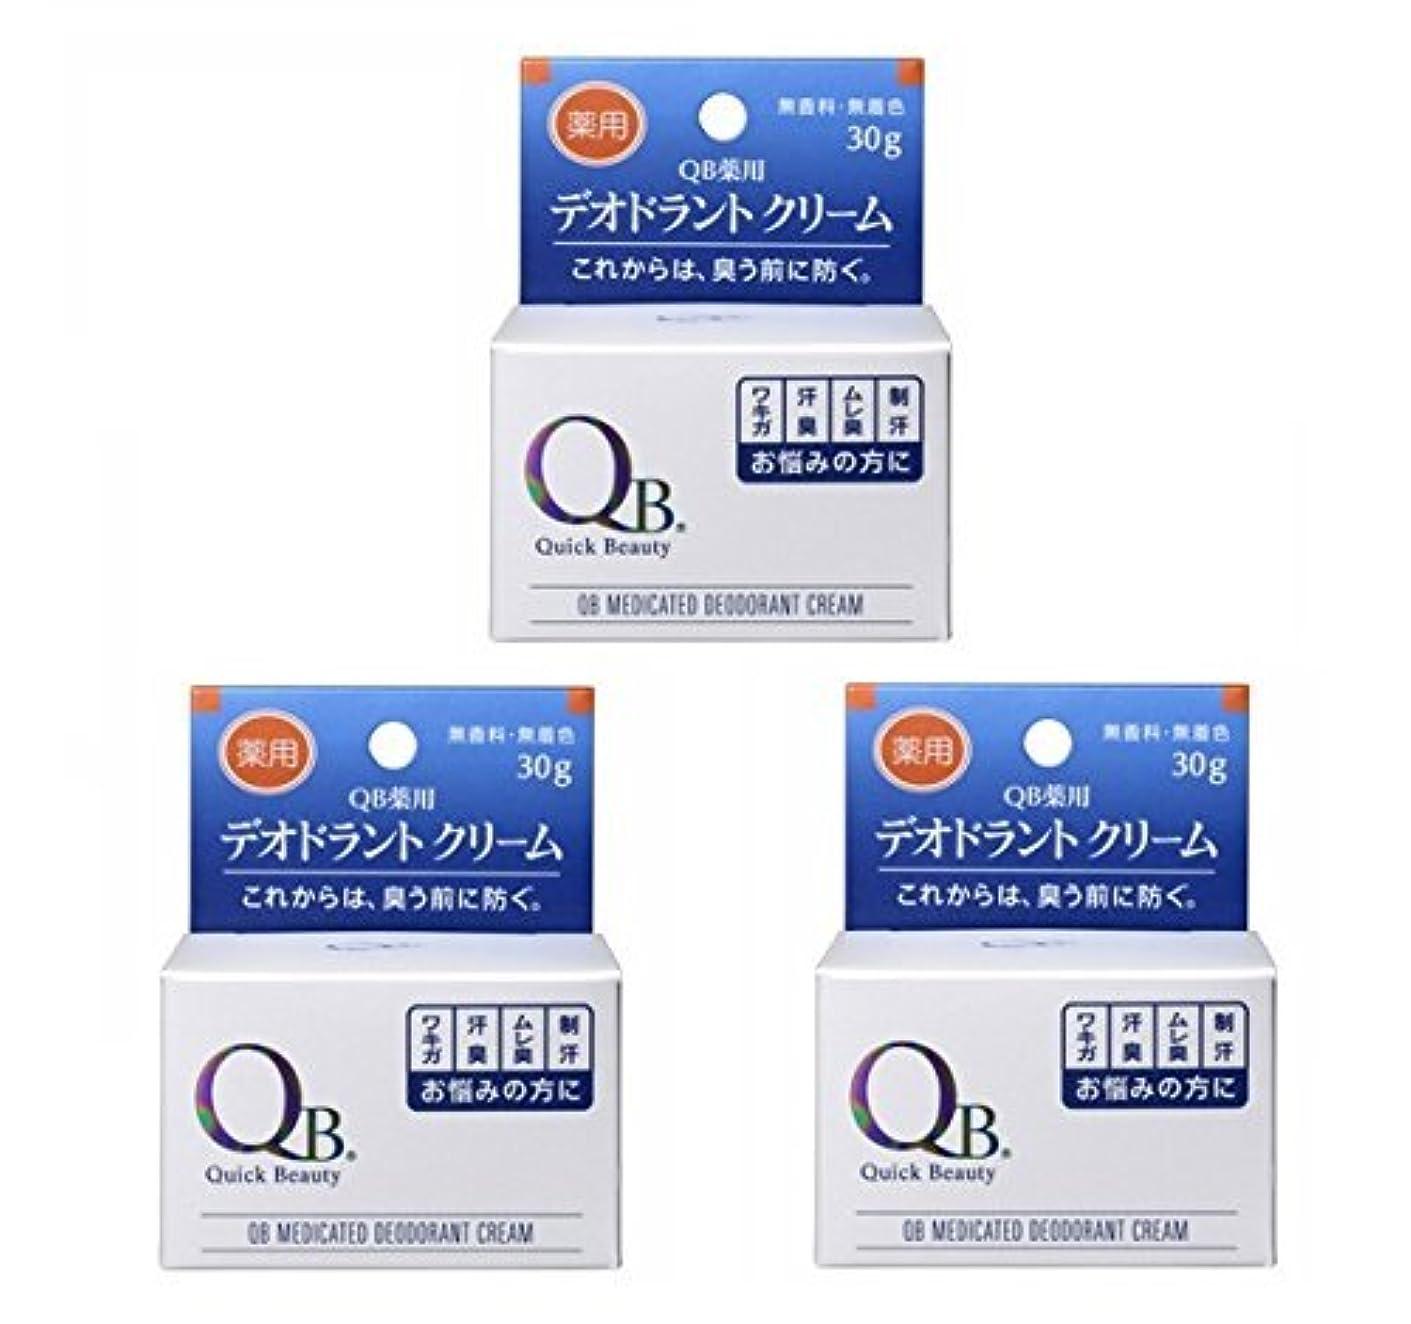 飲料製品抽象QB薬用デオドラントクリーム 30g×3個セット